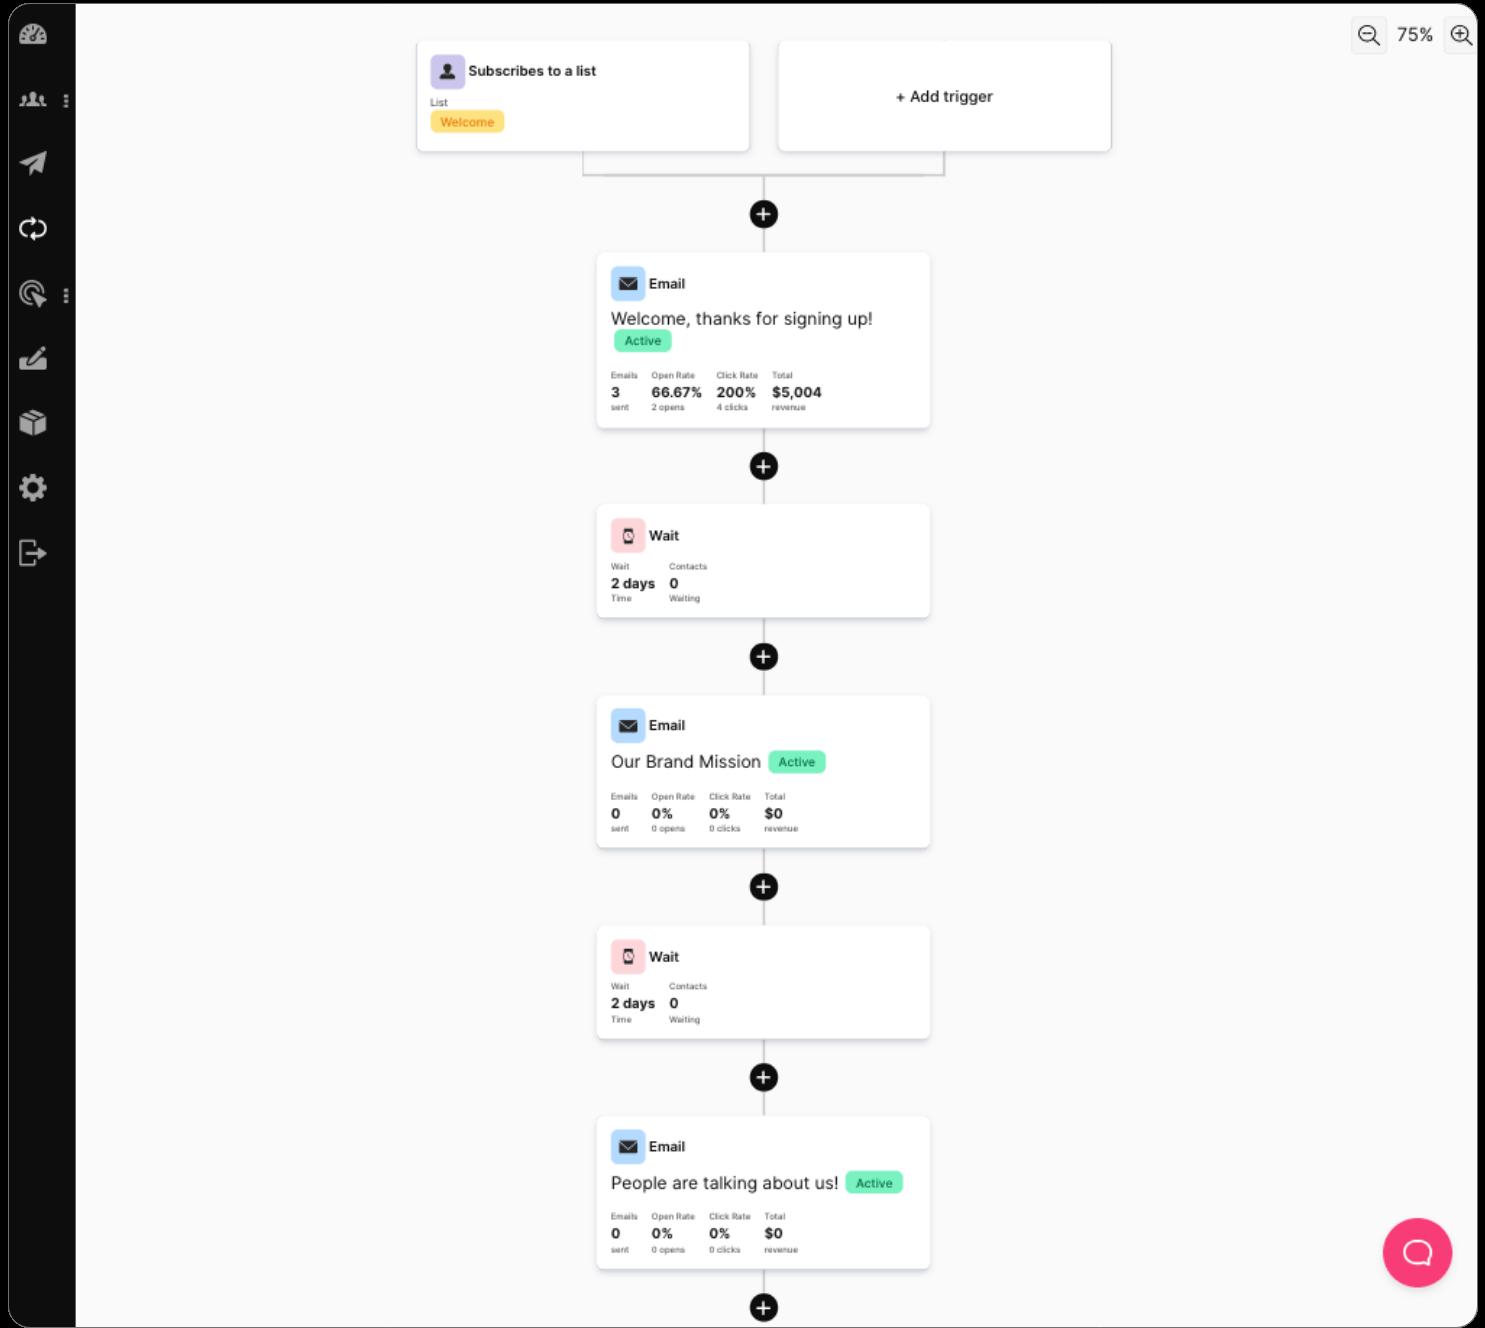 sendlane_automation_lead_nurture